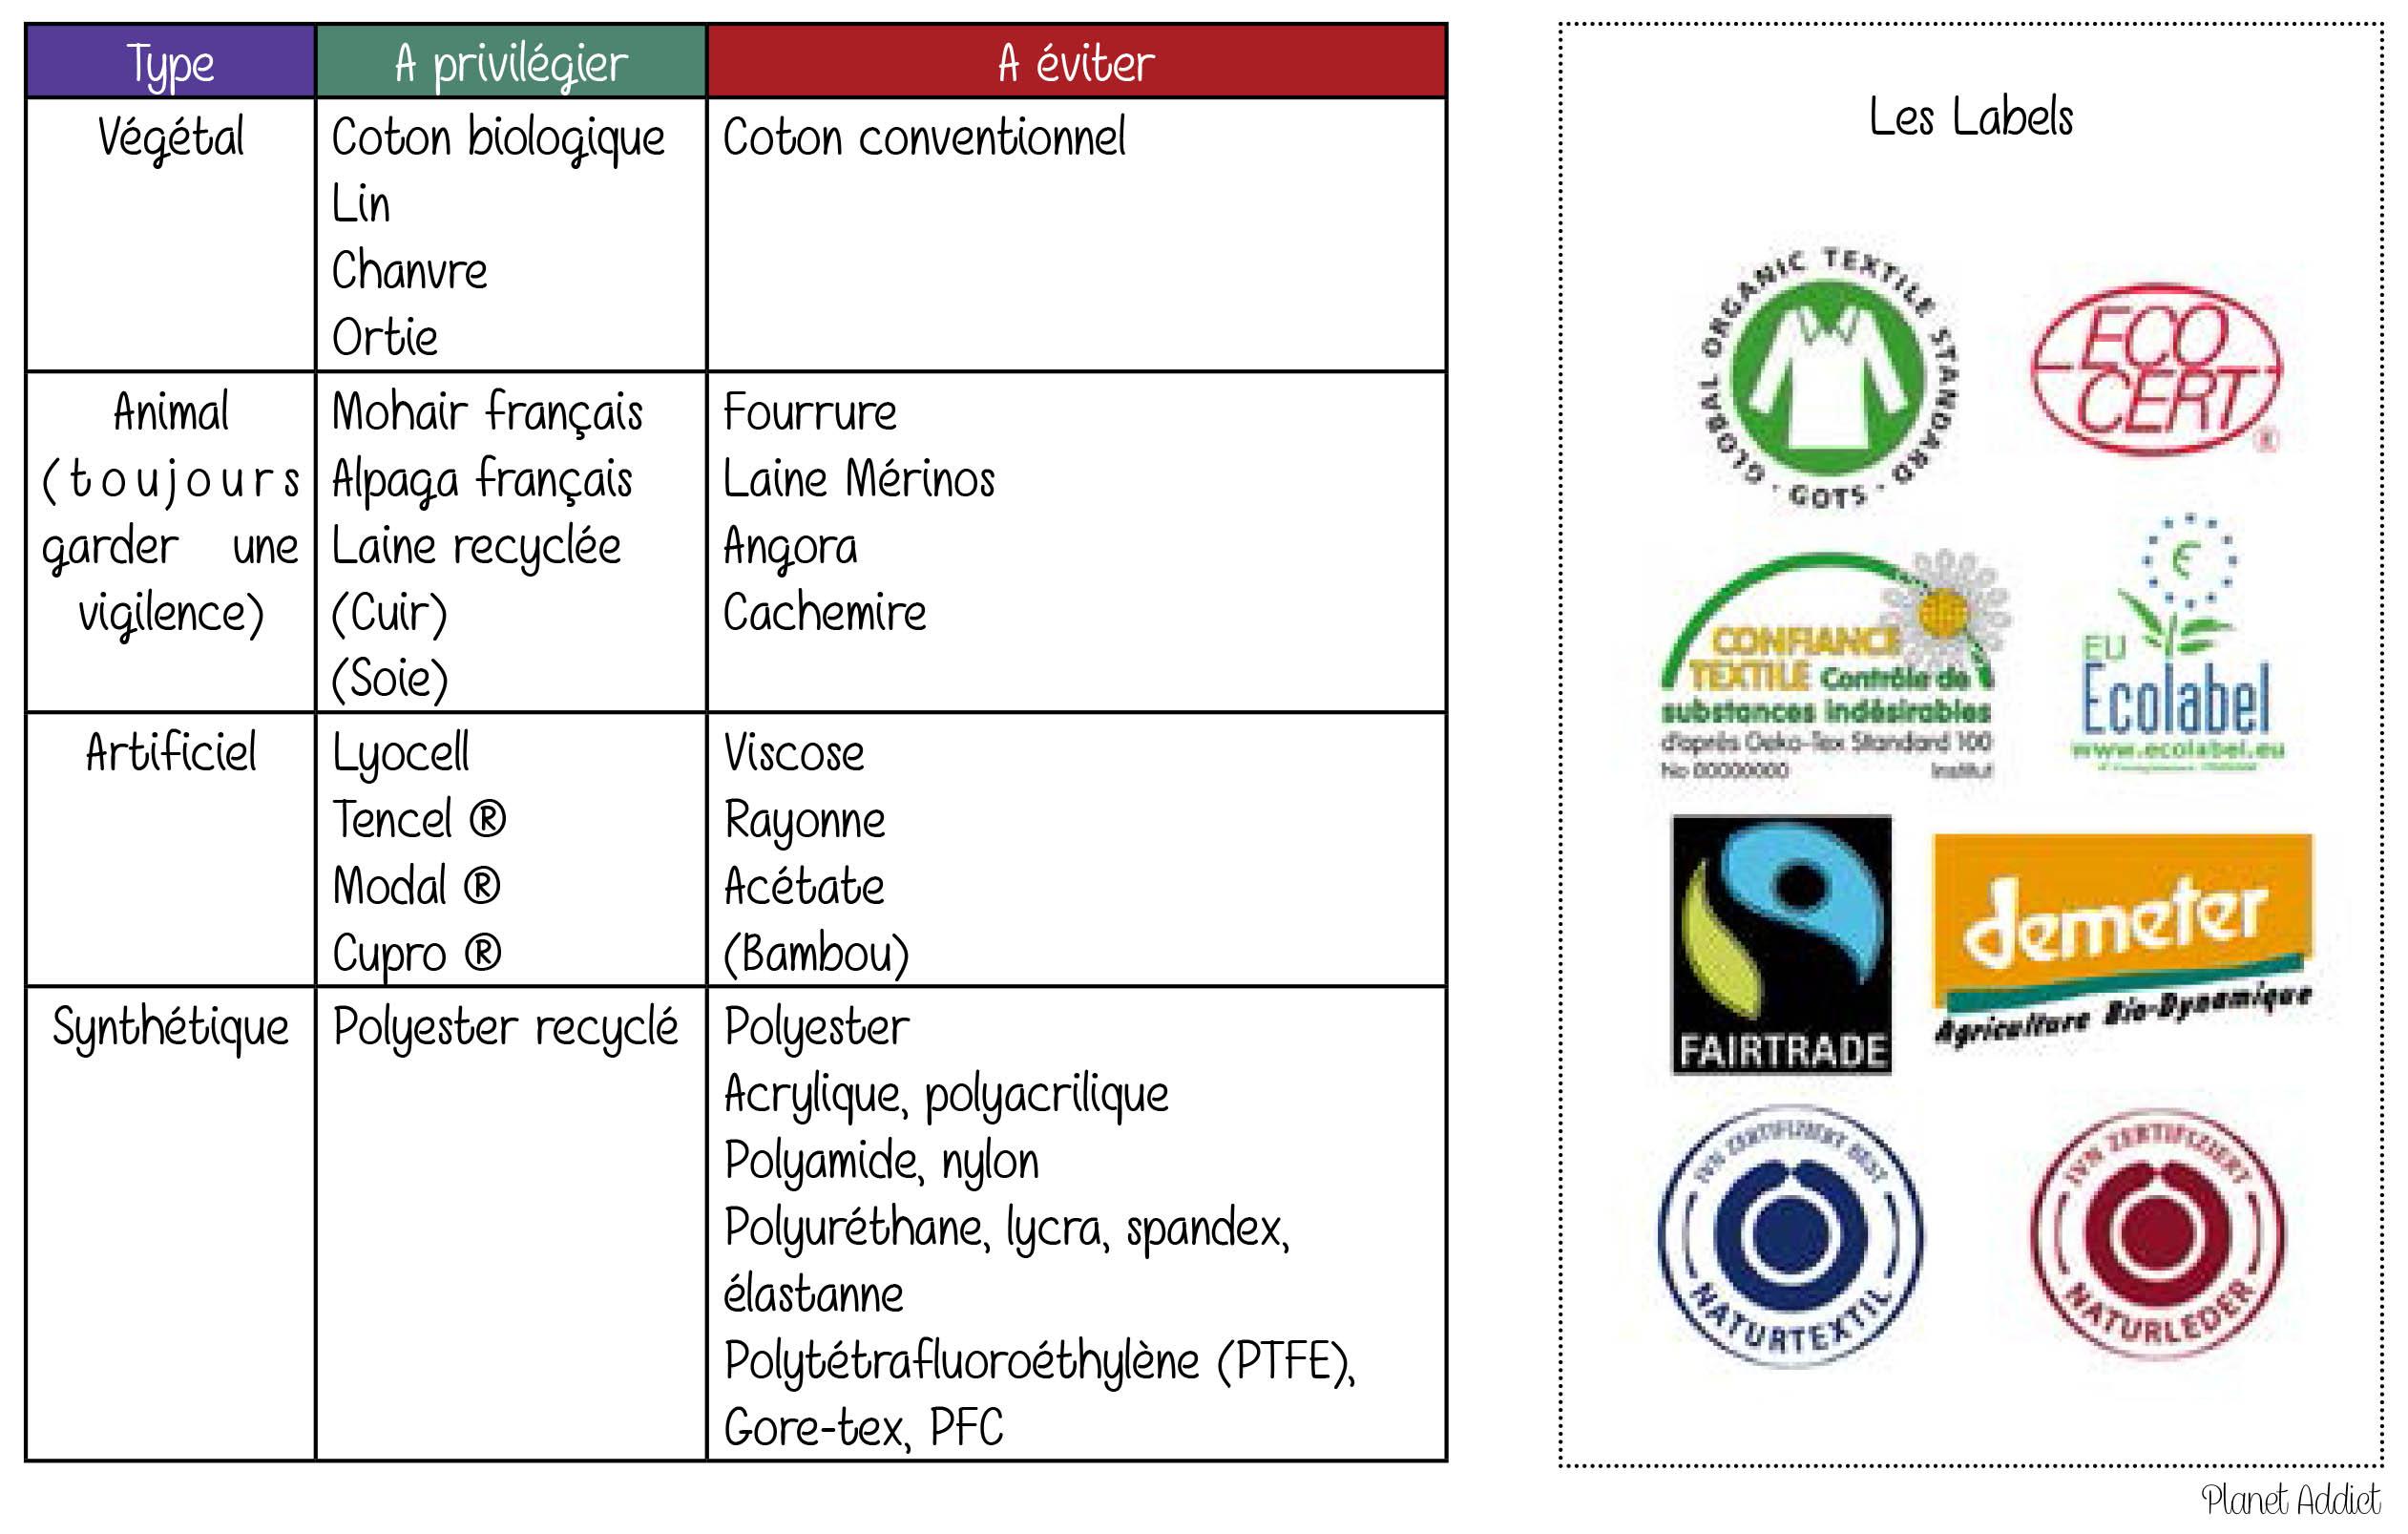 Marques de mode éthique, écologique et locales e5ca50605df